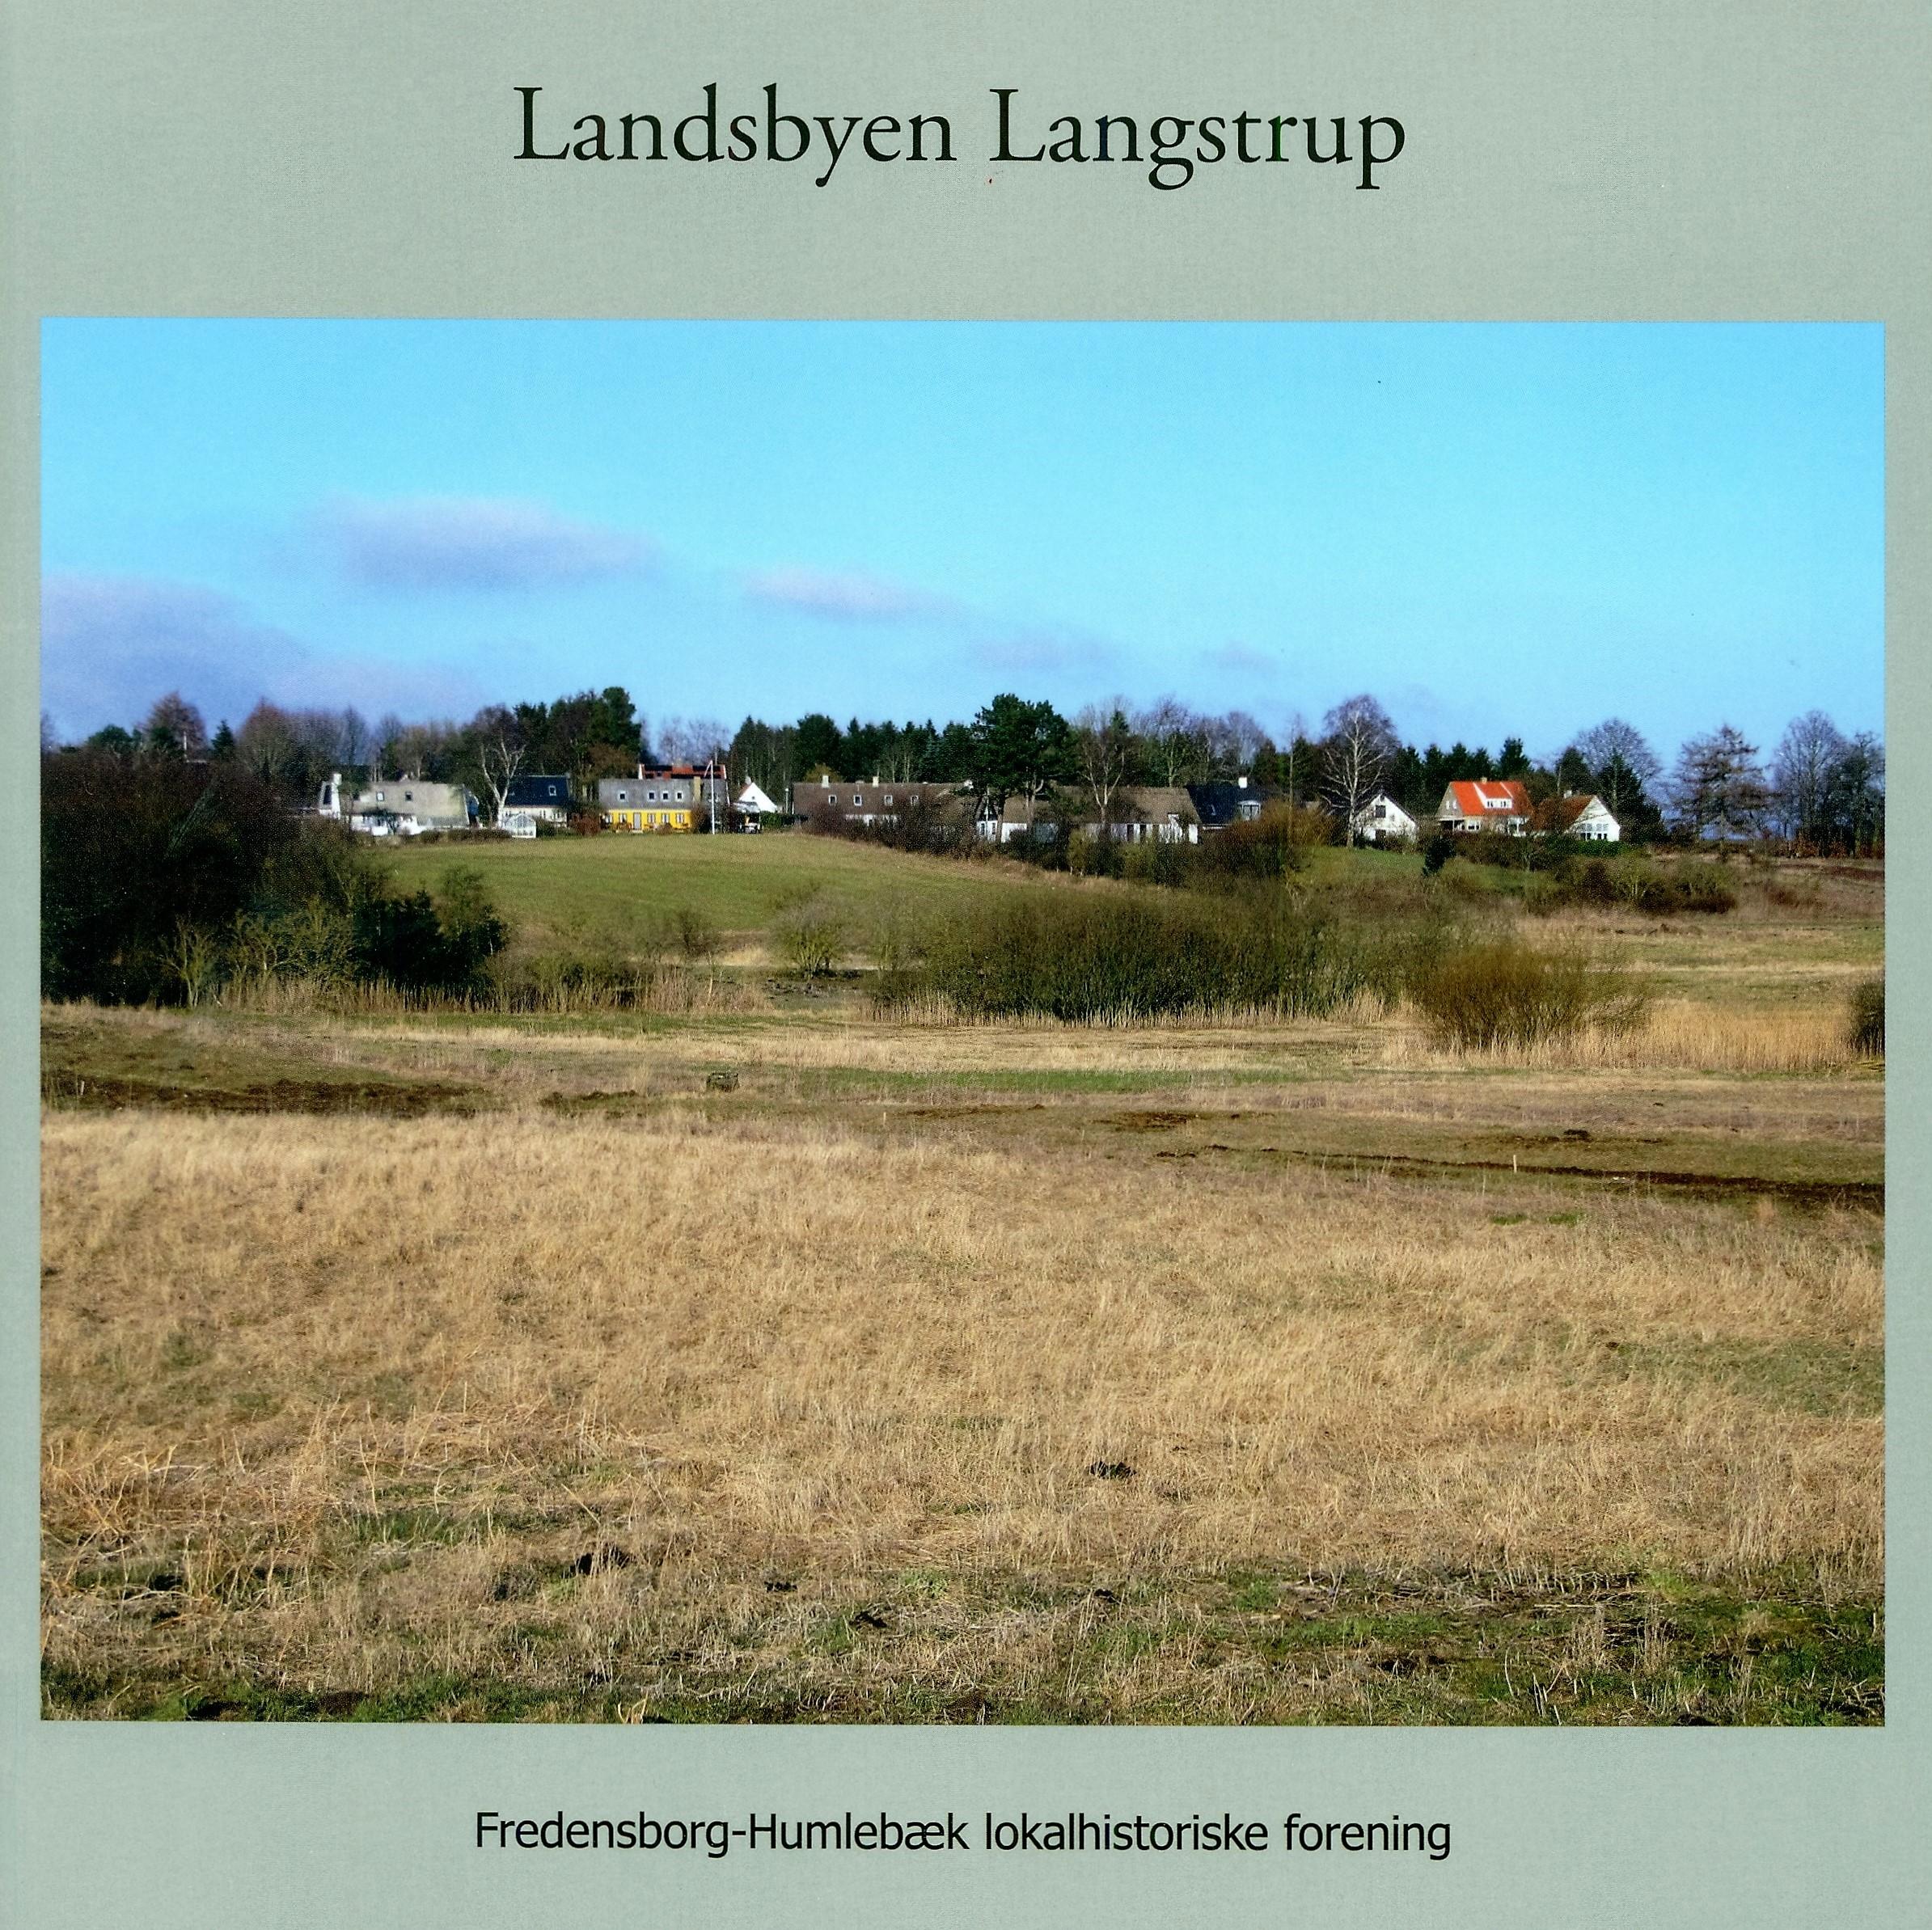 Landsbyen Langstrup